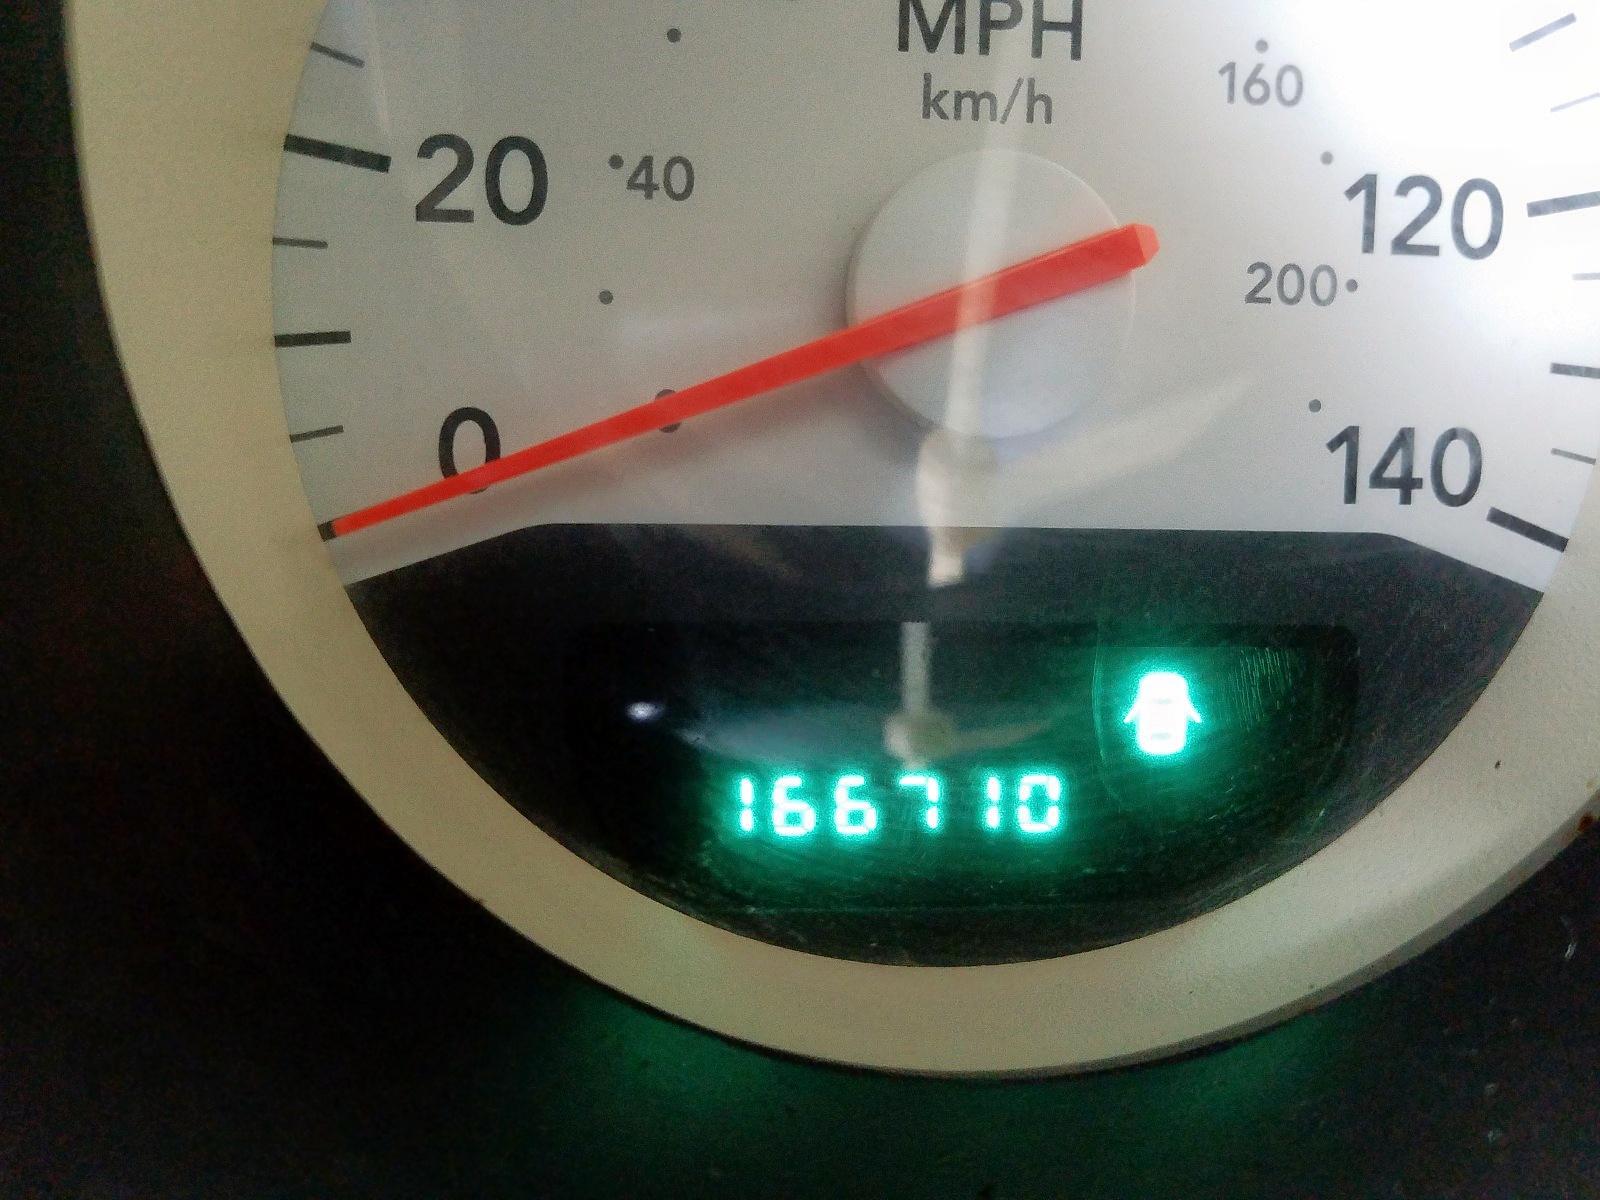 2D4FV47V67H720660 - 2007 Dodge Magnum Sxt 3.5L front view